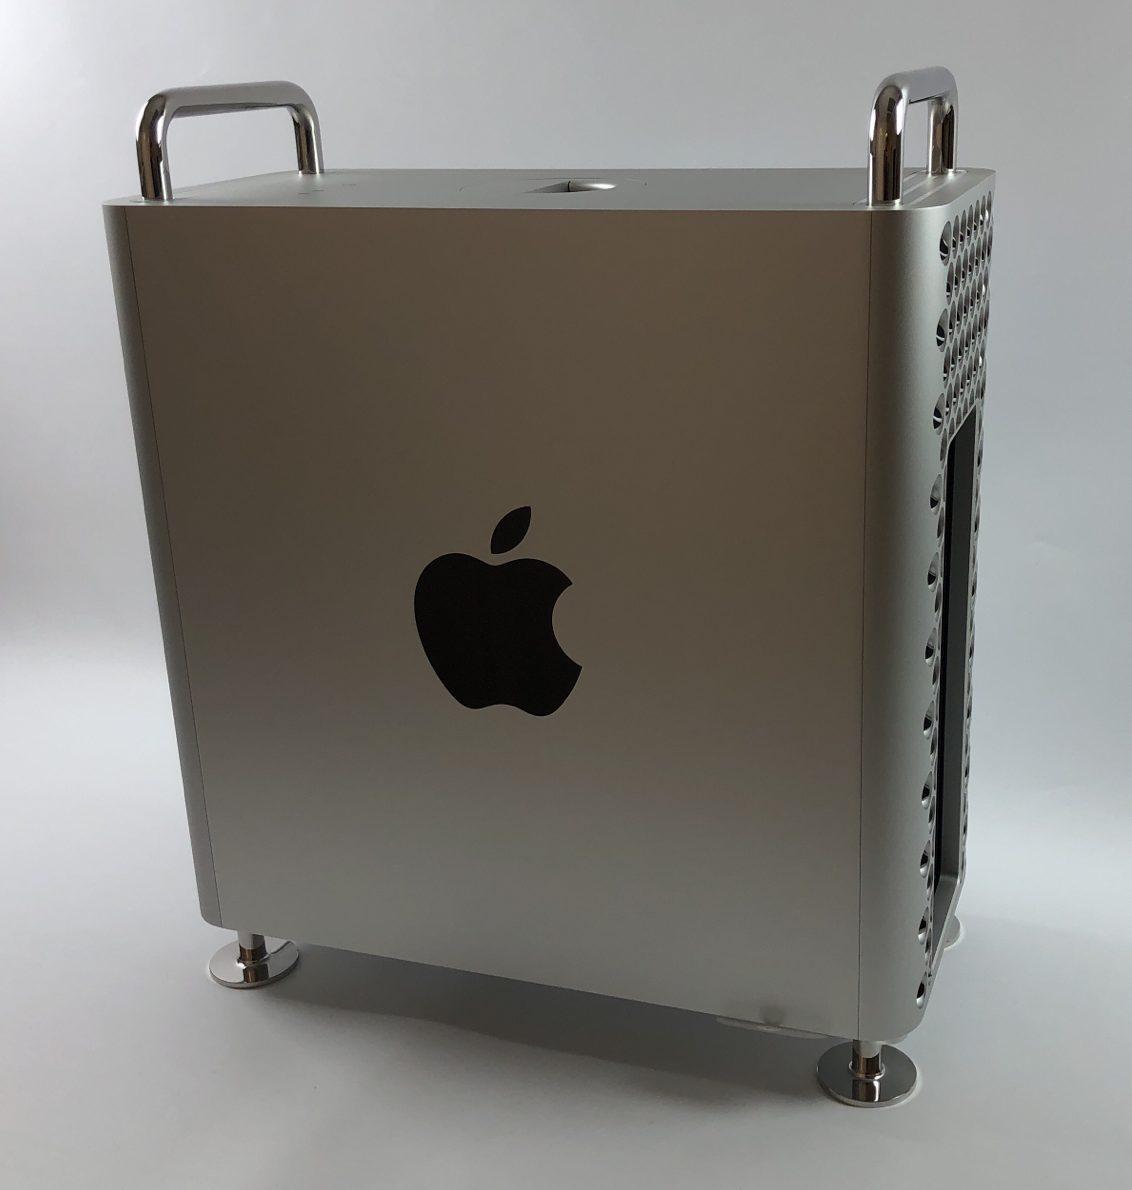 Mac Pro Late 2019 (Intel 8-Core Xeon W 3.5 GHz 32 GB RAM 256 GB SSD), Intel 8-Core Xeon W 3.5 GHz, 32 GB RAM, 256 GB SSD, imagen 1